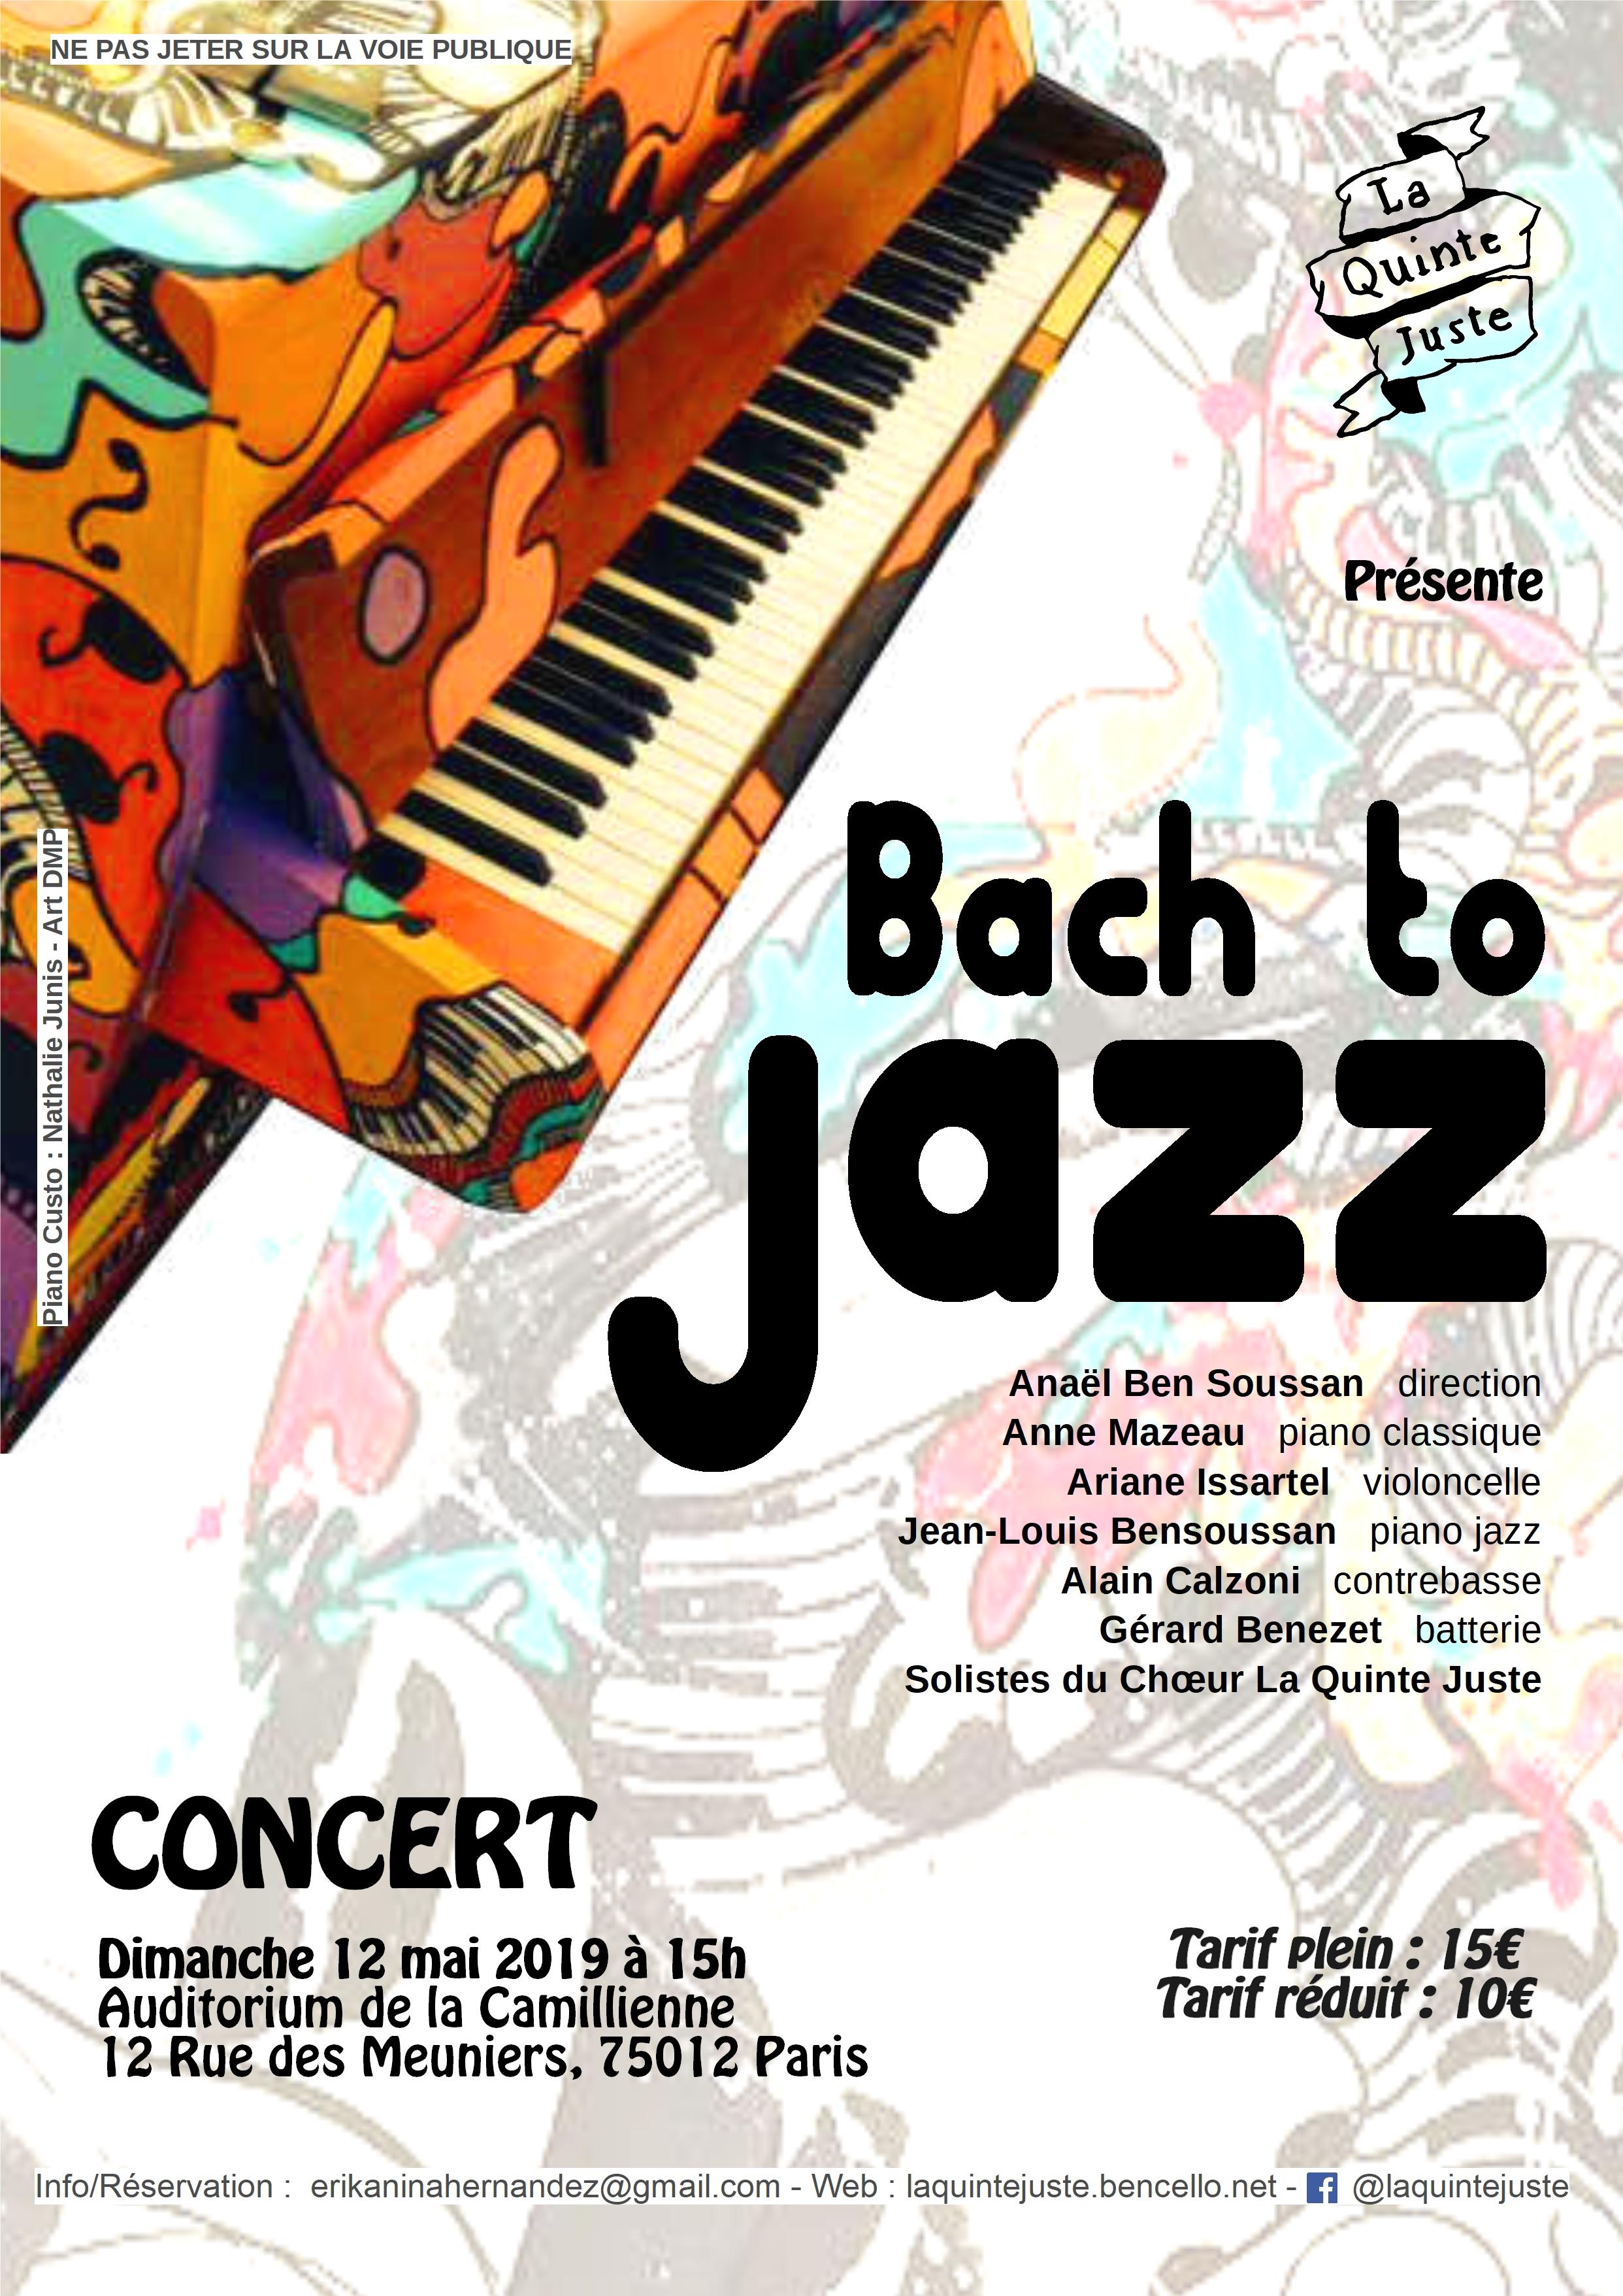 Bach to jazz par la Quinte Juste